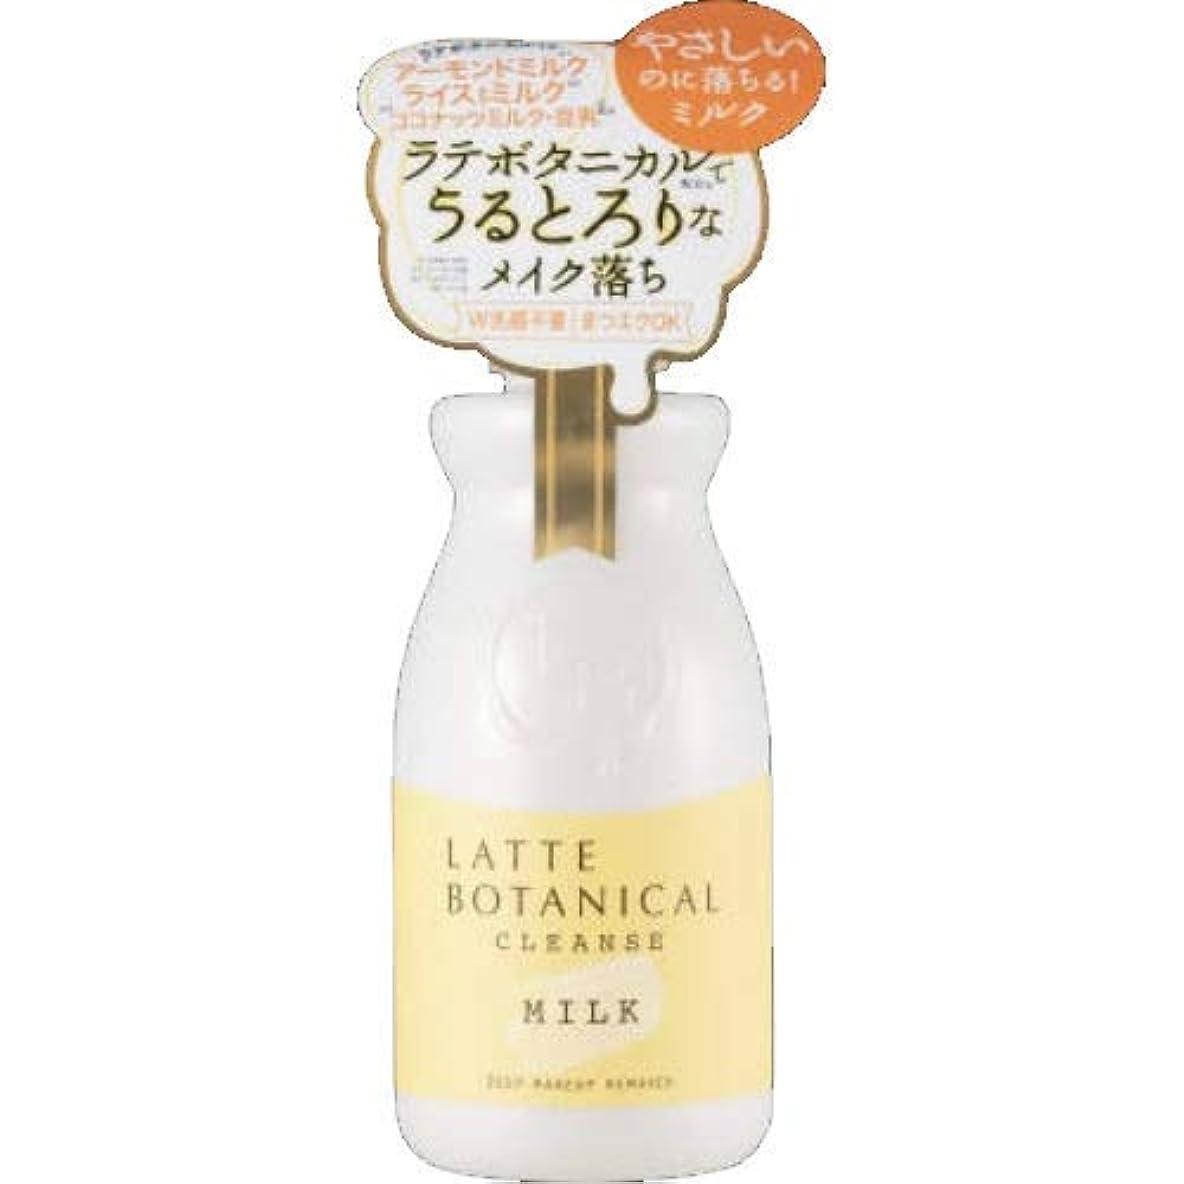 早熟掻く方法ラテボタニカル クレンズミルクS × 24個セット